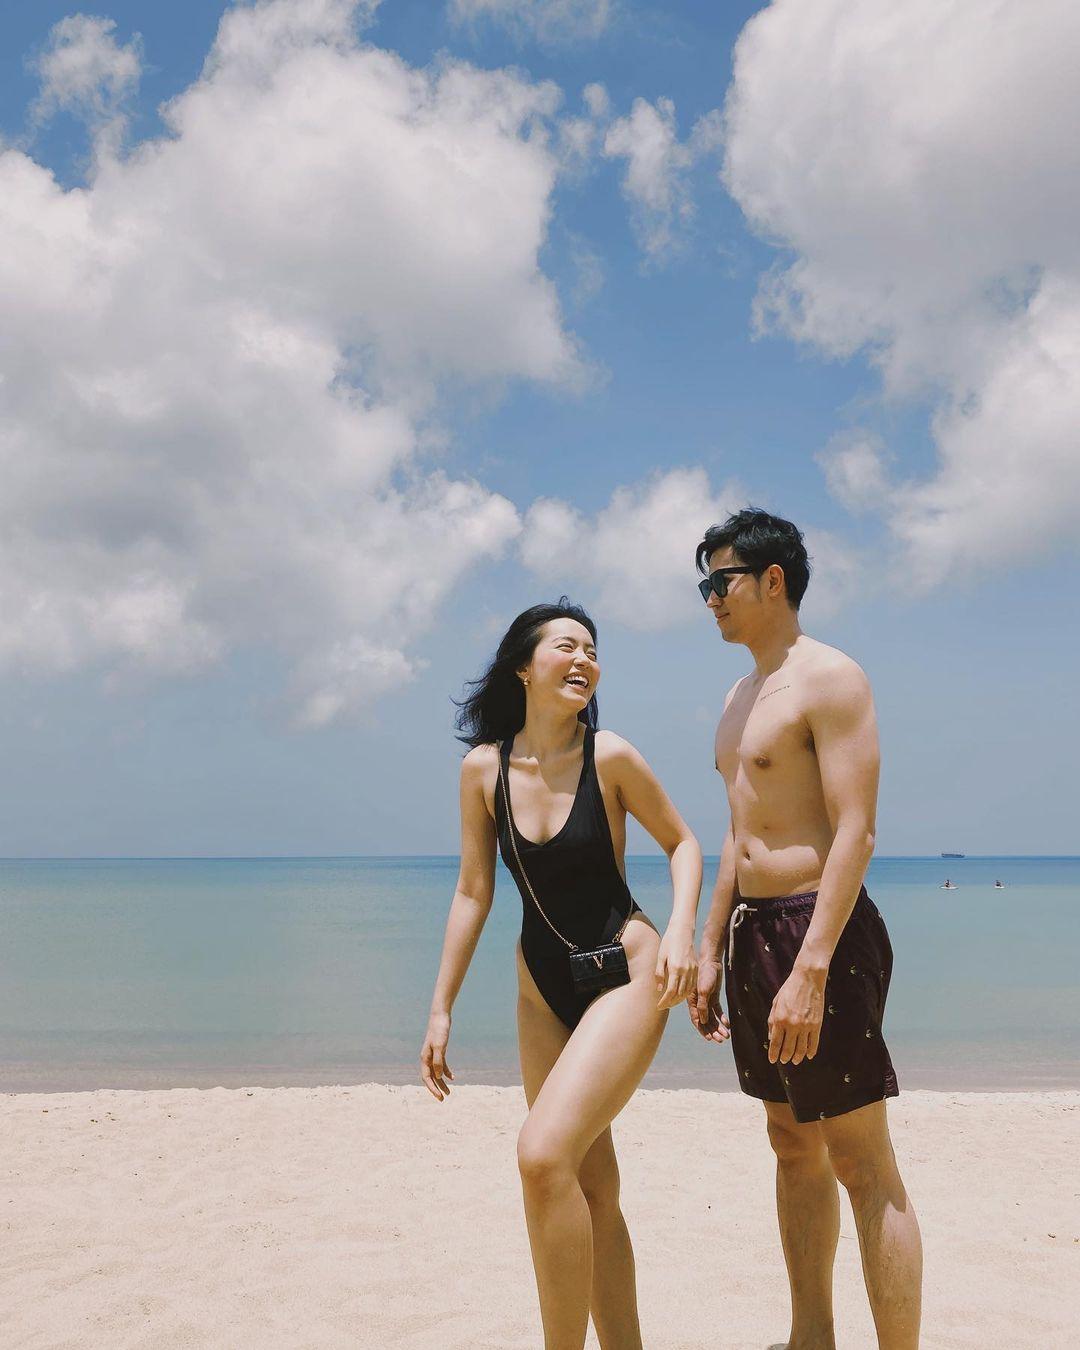 Mùa hè đã nóng, Hà Trúc còn nhiệt tình khoe ảnh hot bên người yêu phi công điển trai thế này - 4